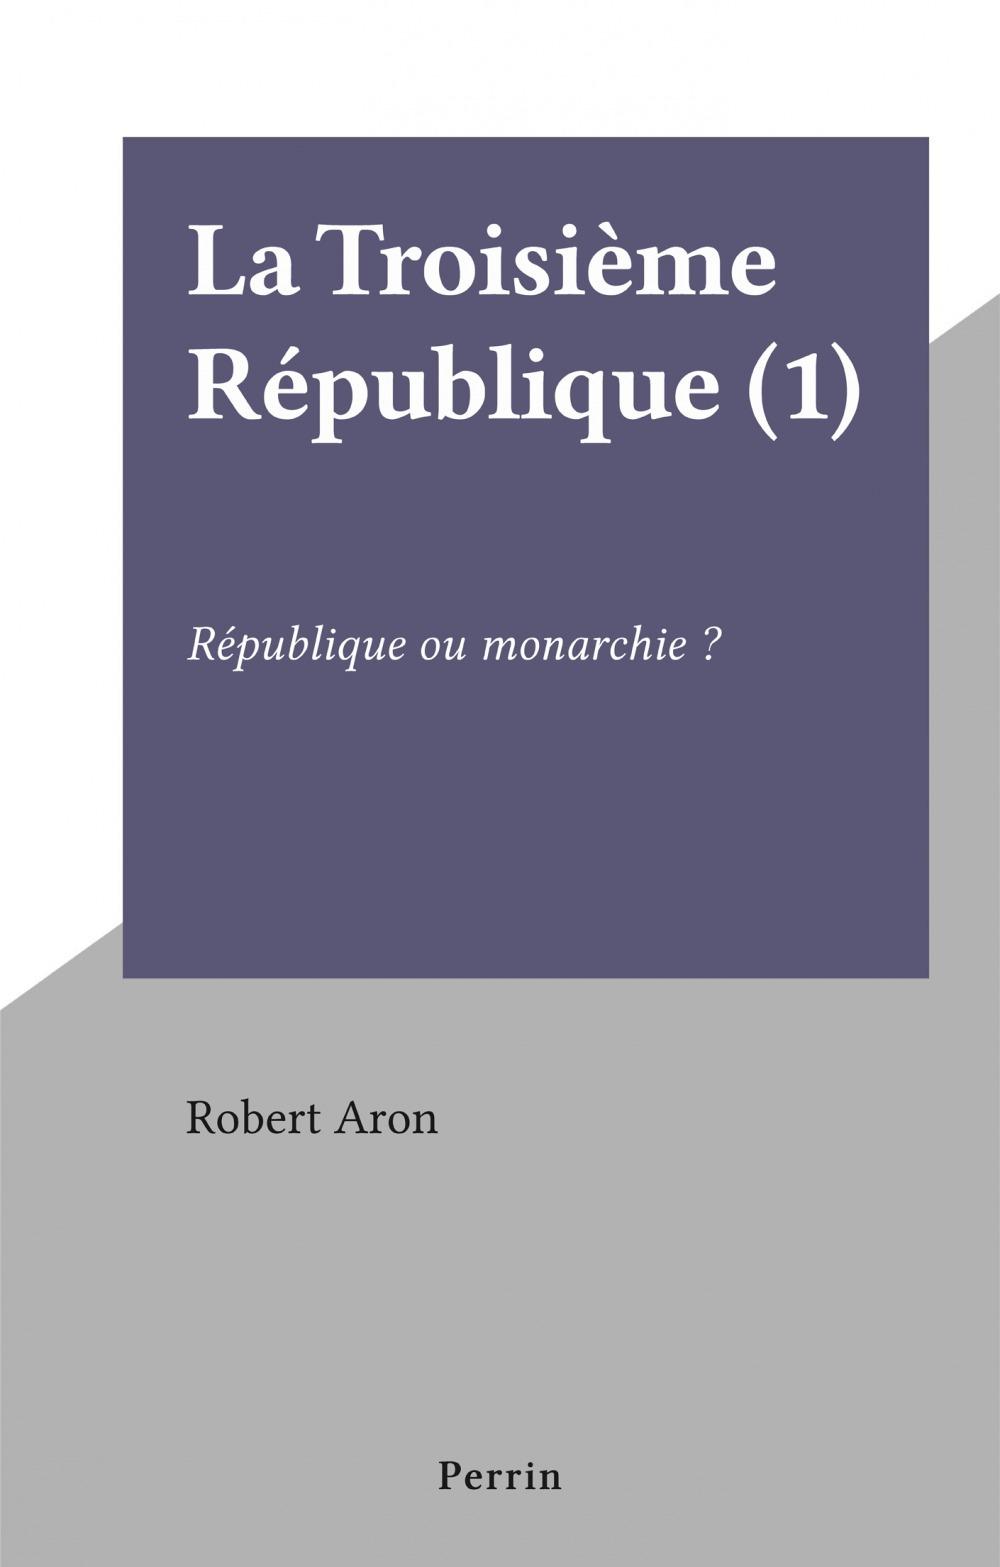 La Troisième République (1)